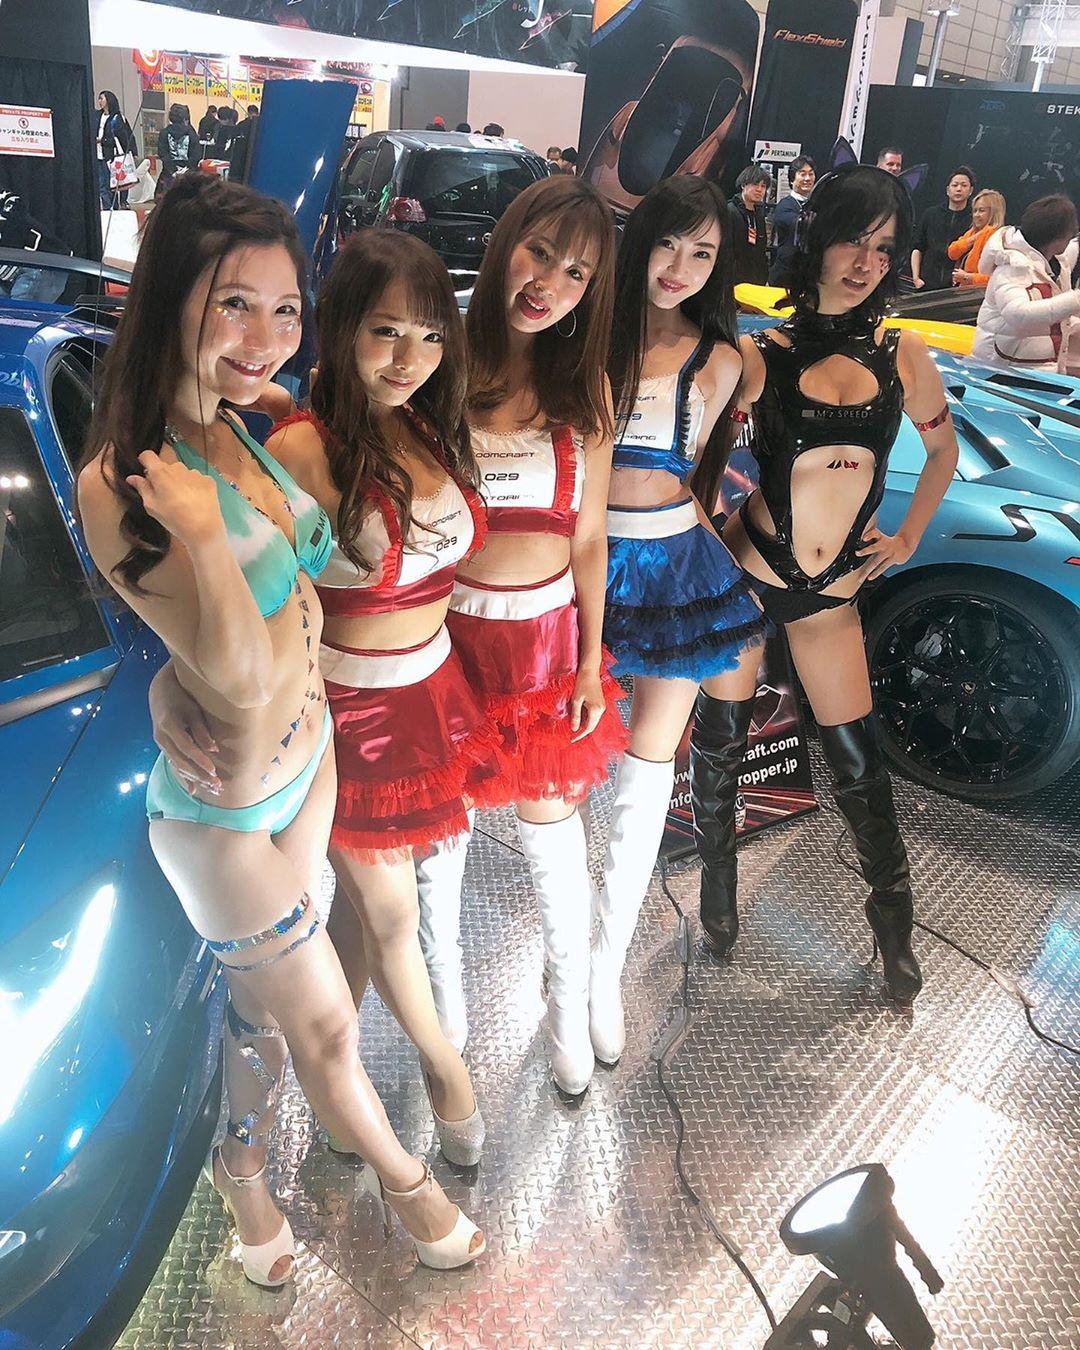 レースクイン・キャンギャル 8